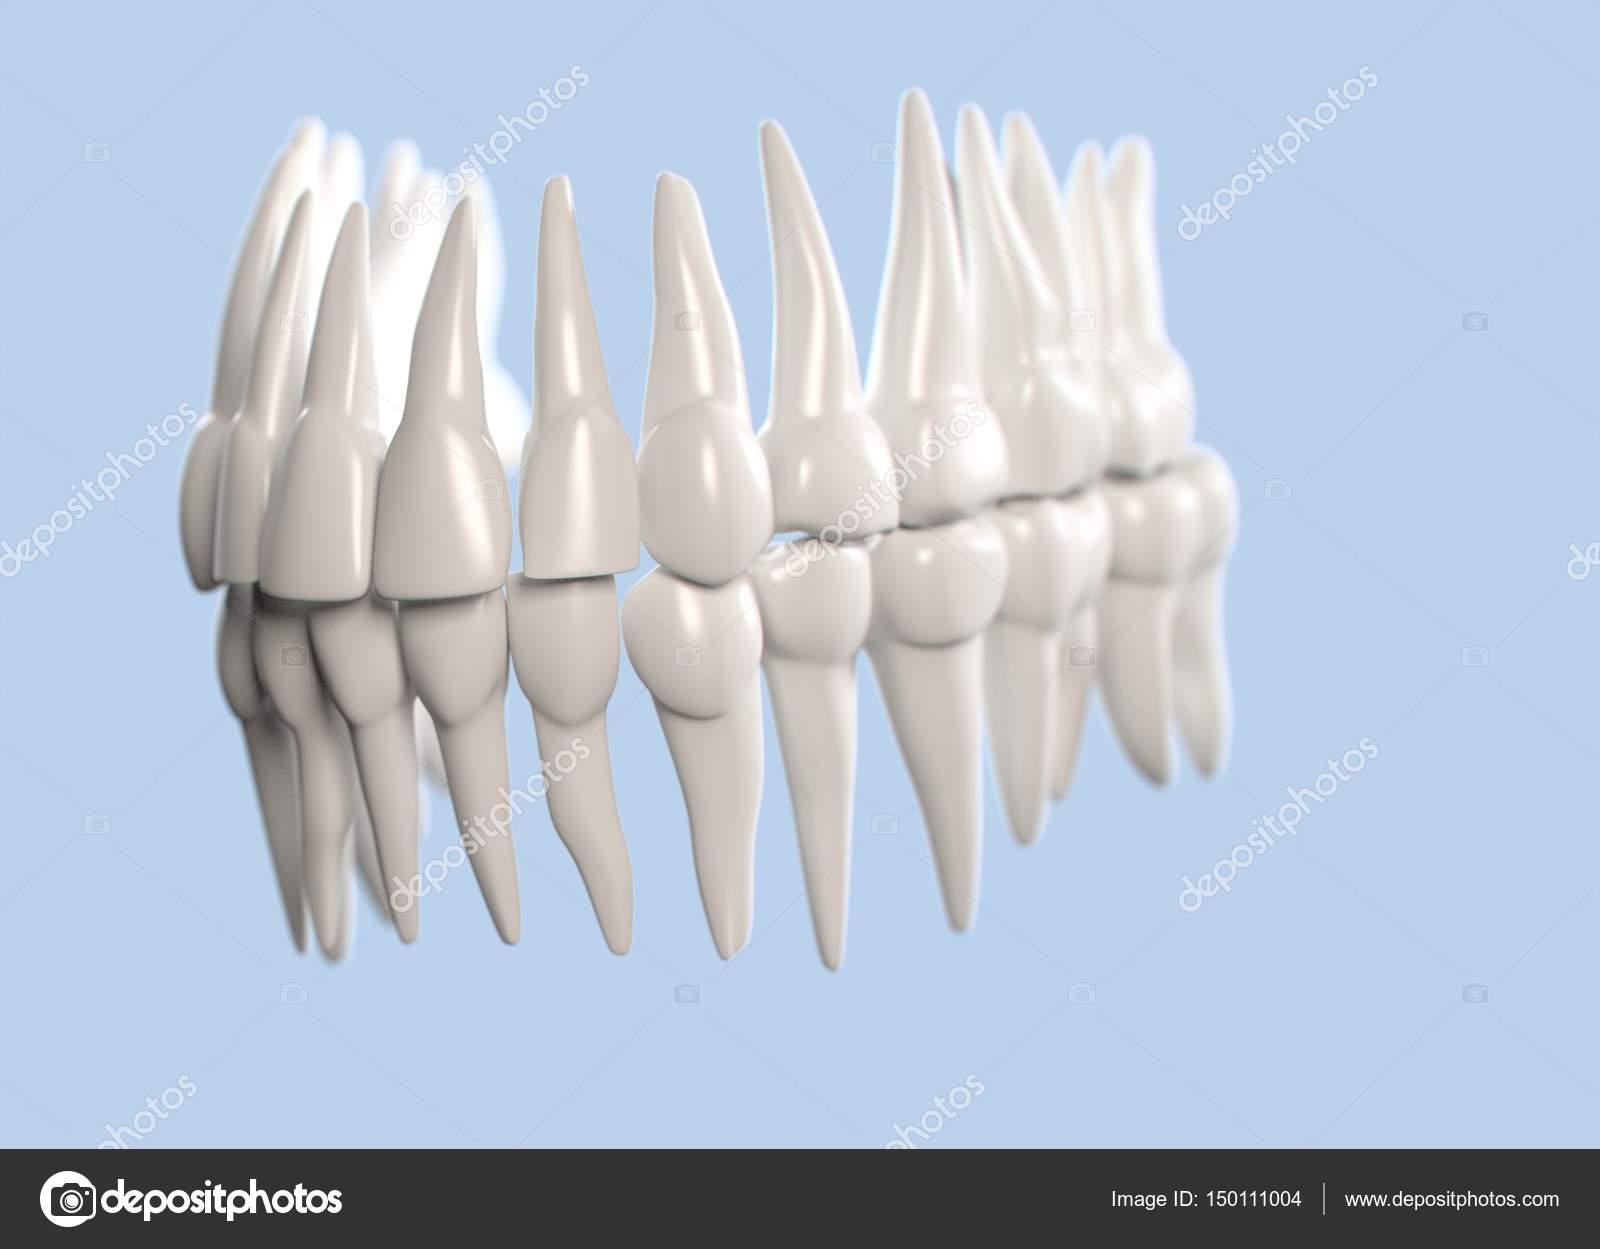 Human Teeth Anatomy Model Stock Photo Anatomyinsider 150111004